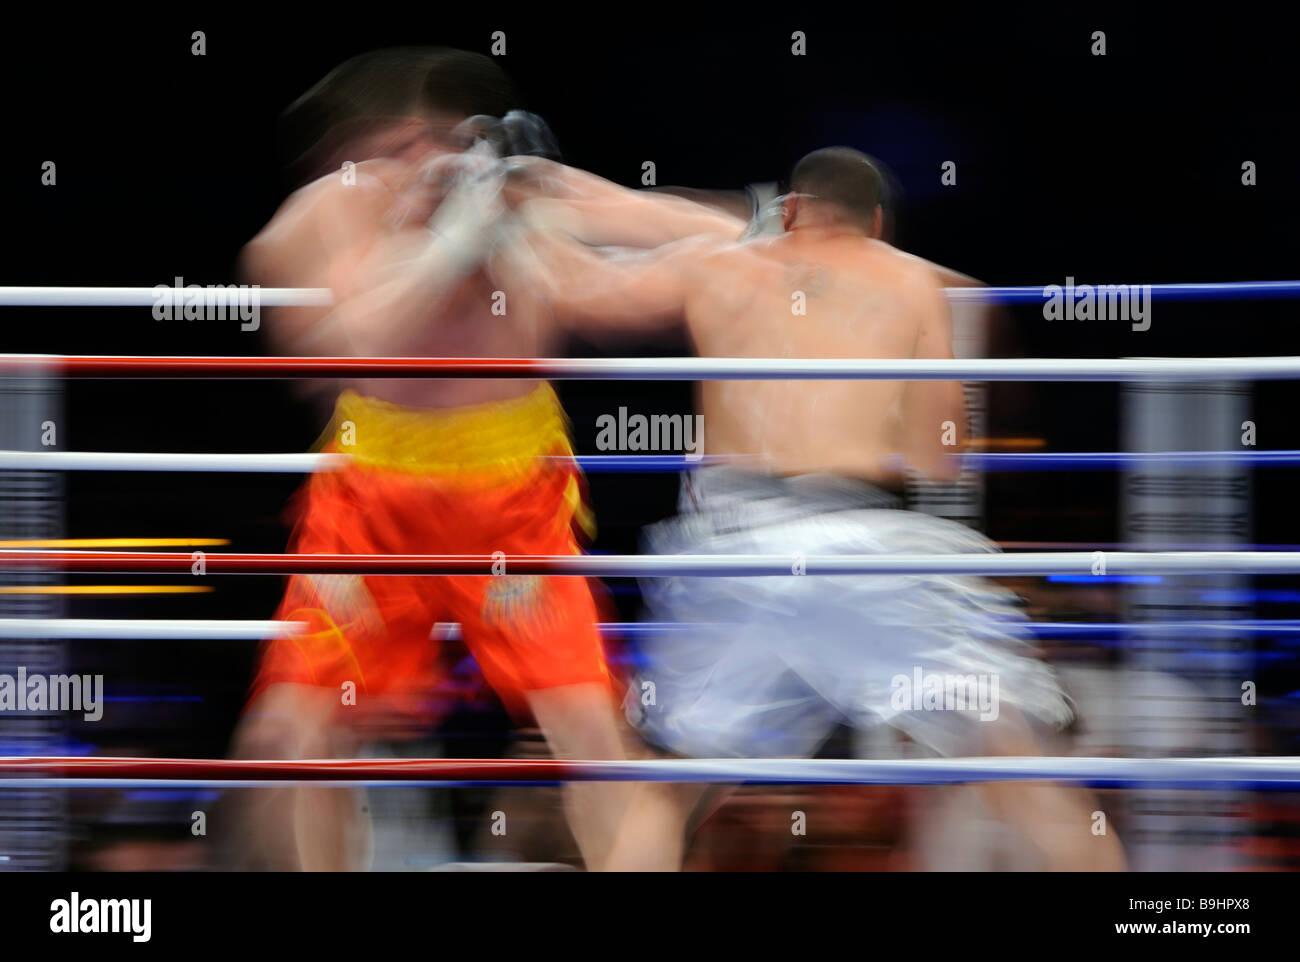 Boxeo Imagen De Stock